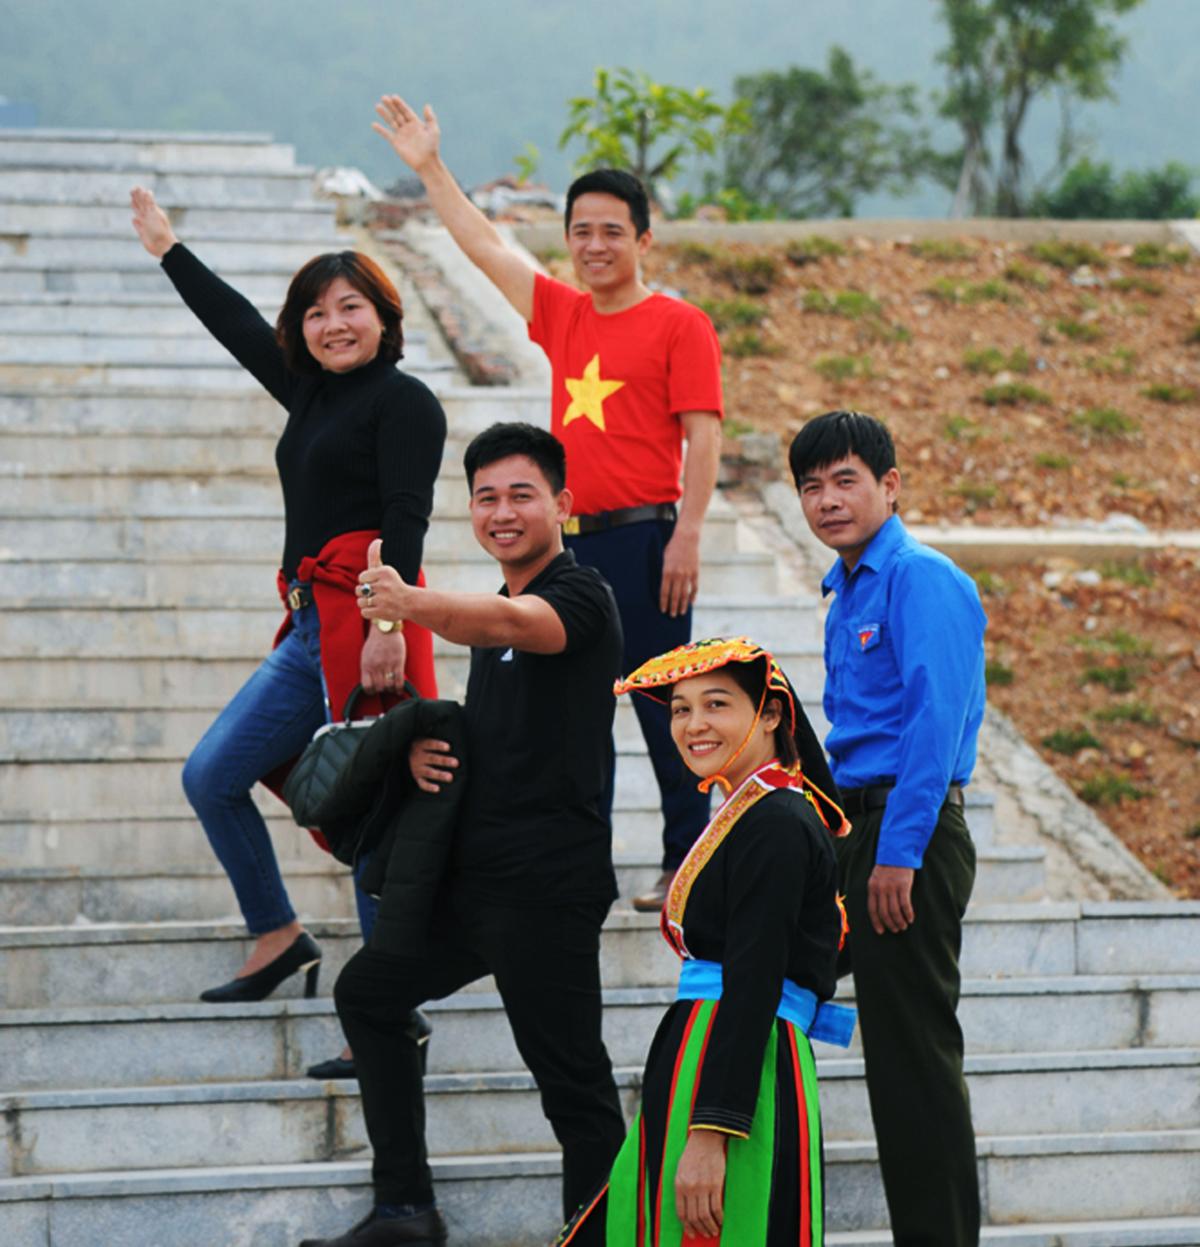 Bắc Giang, hội tụ, đồng bằng, trung du, miền núi, phát triển du lịch, Báo Bắc Giang, địa chỉ du lịch, nổi tiếng, Phật hoàng Trần Nhân Tông